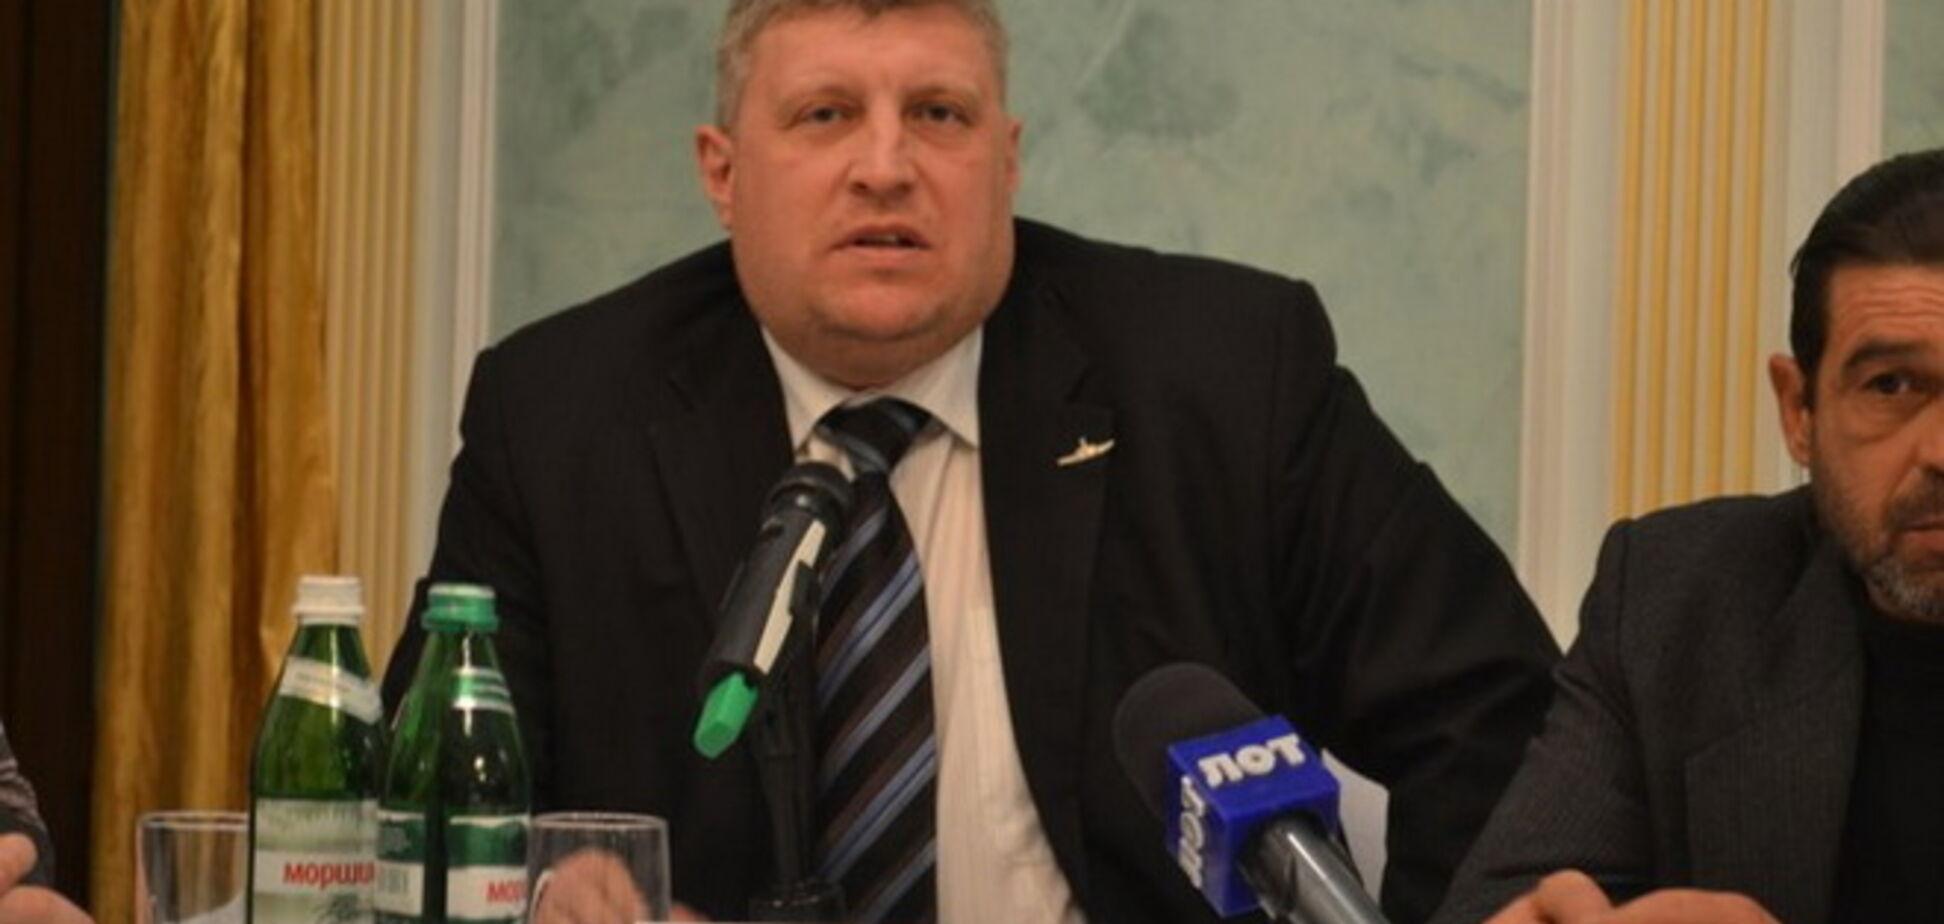 Координатор луганских террористов: нас не видно, но мы есть